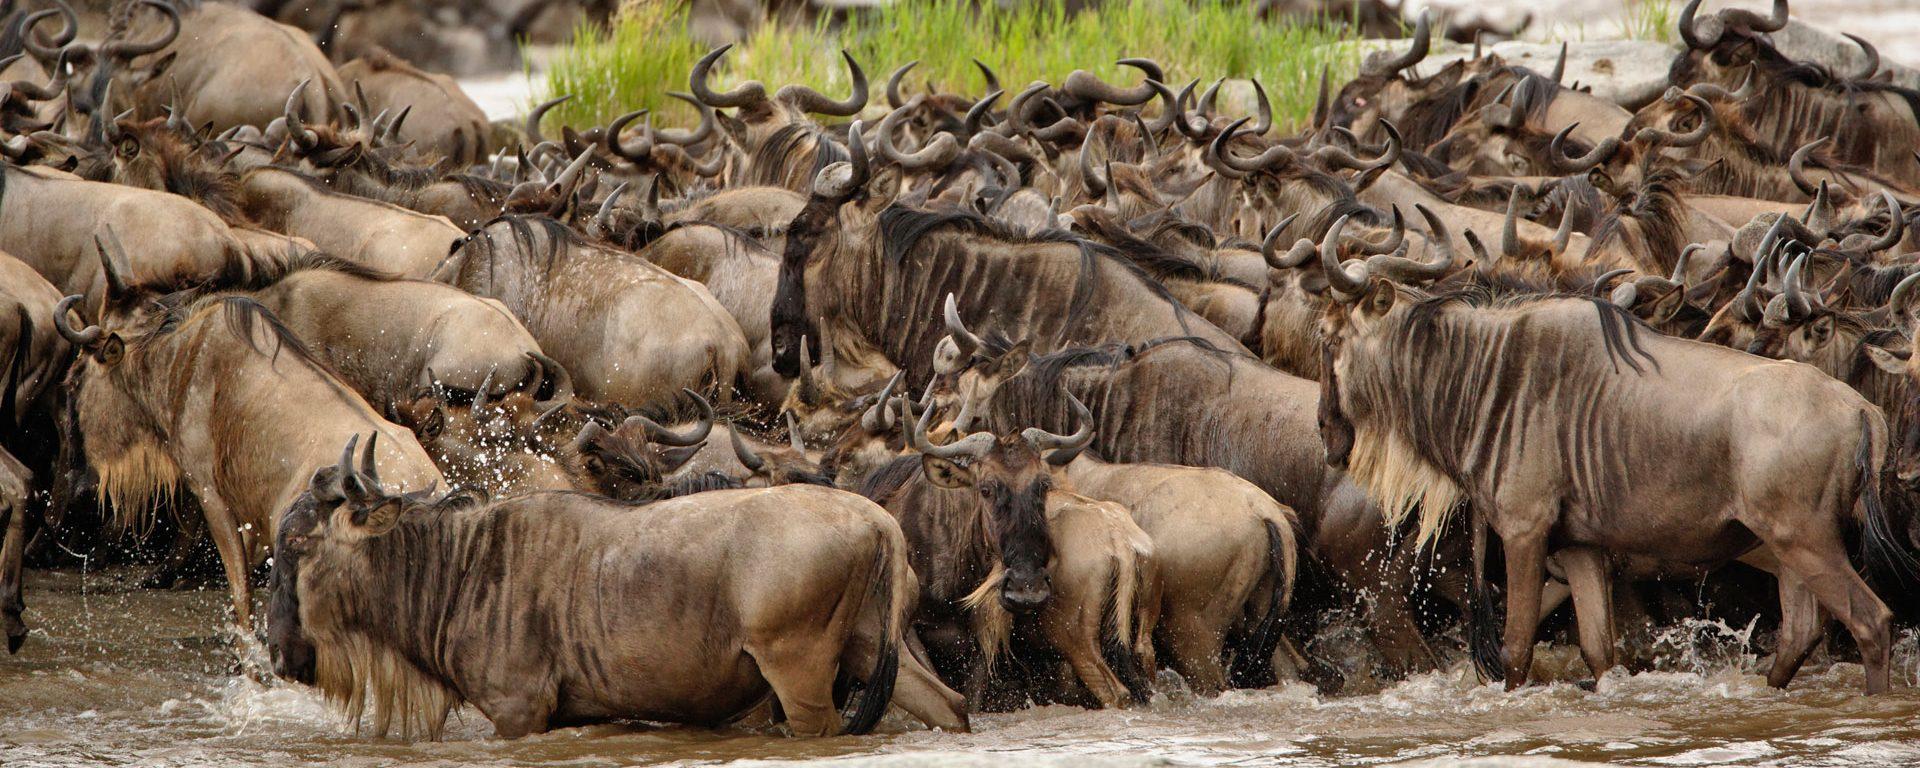 Wildebeest herd in the Serengeti, Tanzania